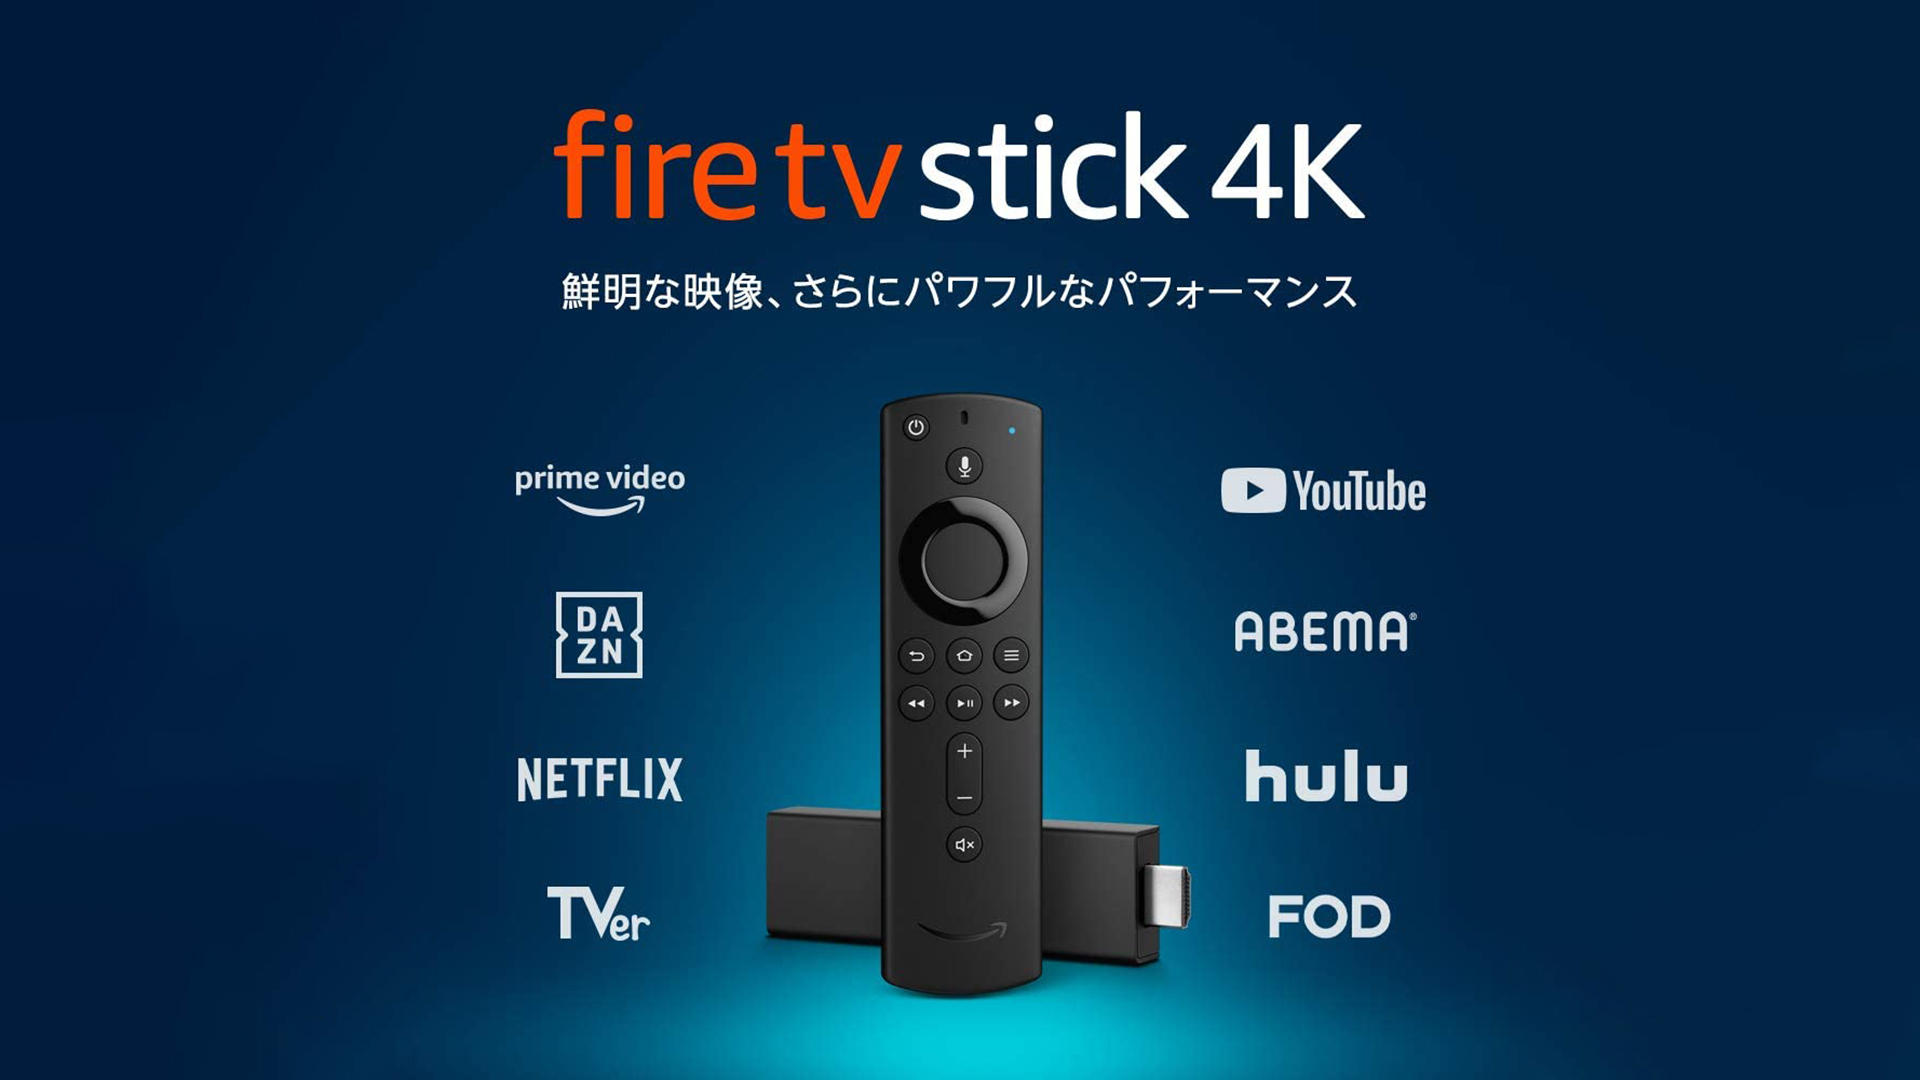 Amazonタイムセール祭りでFire TV Stick 4Kが半額!